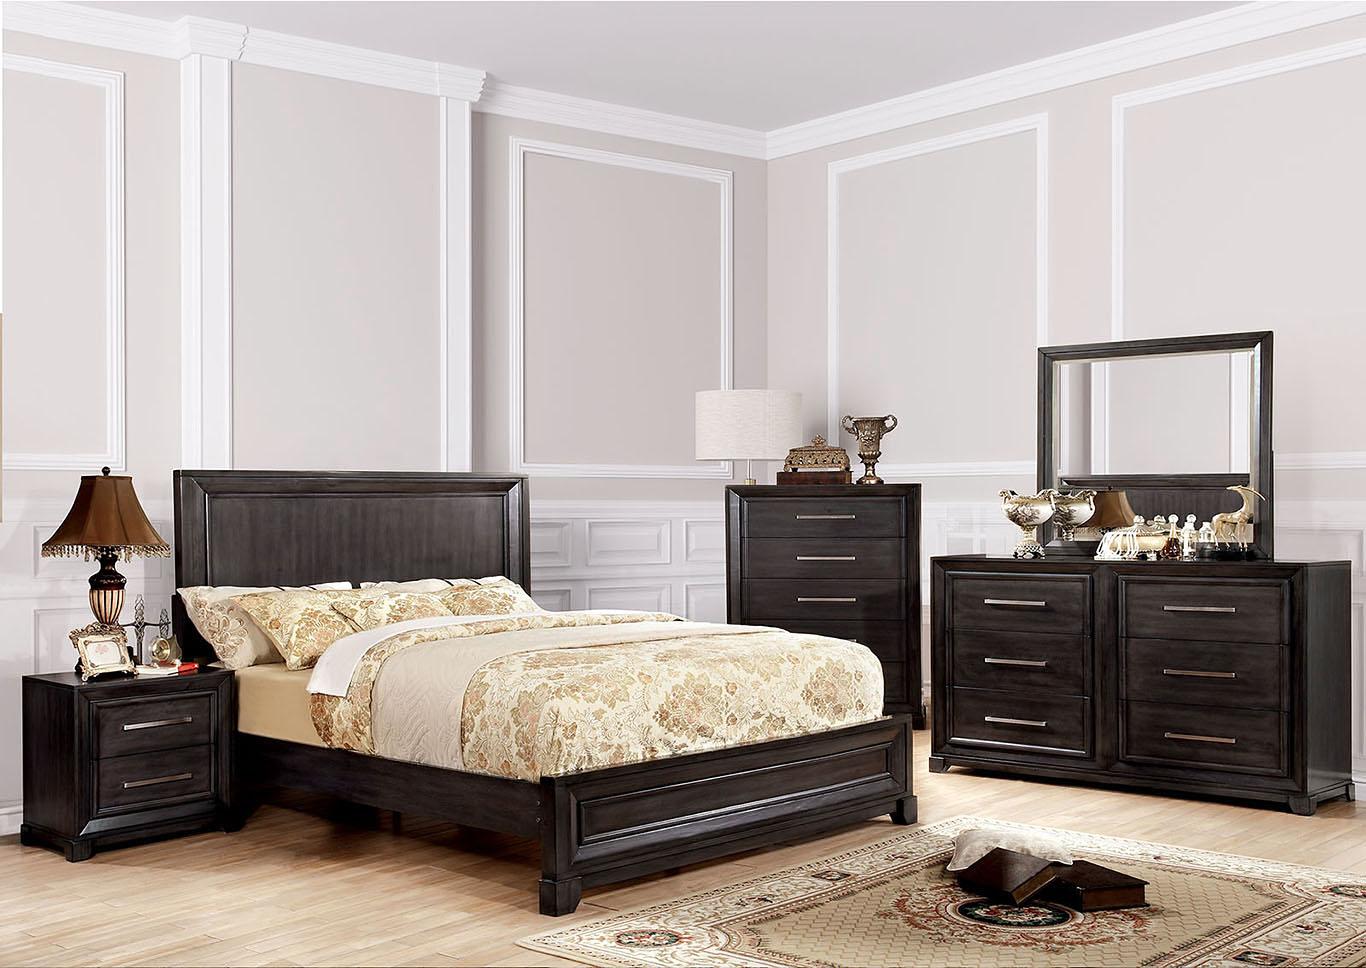 Superieur Furniture. U003e